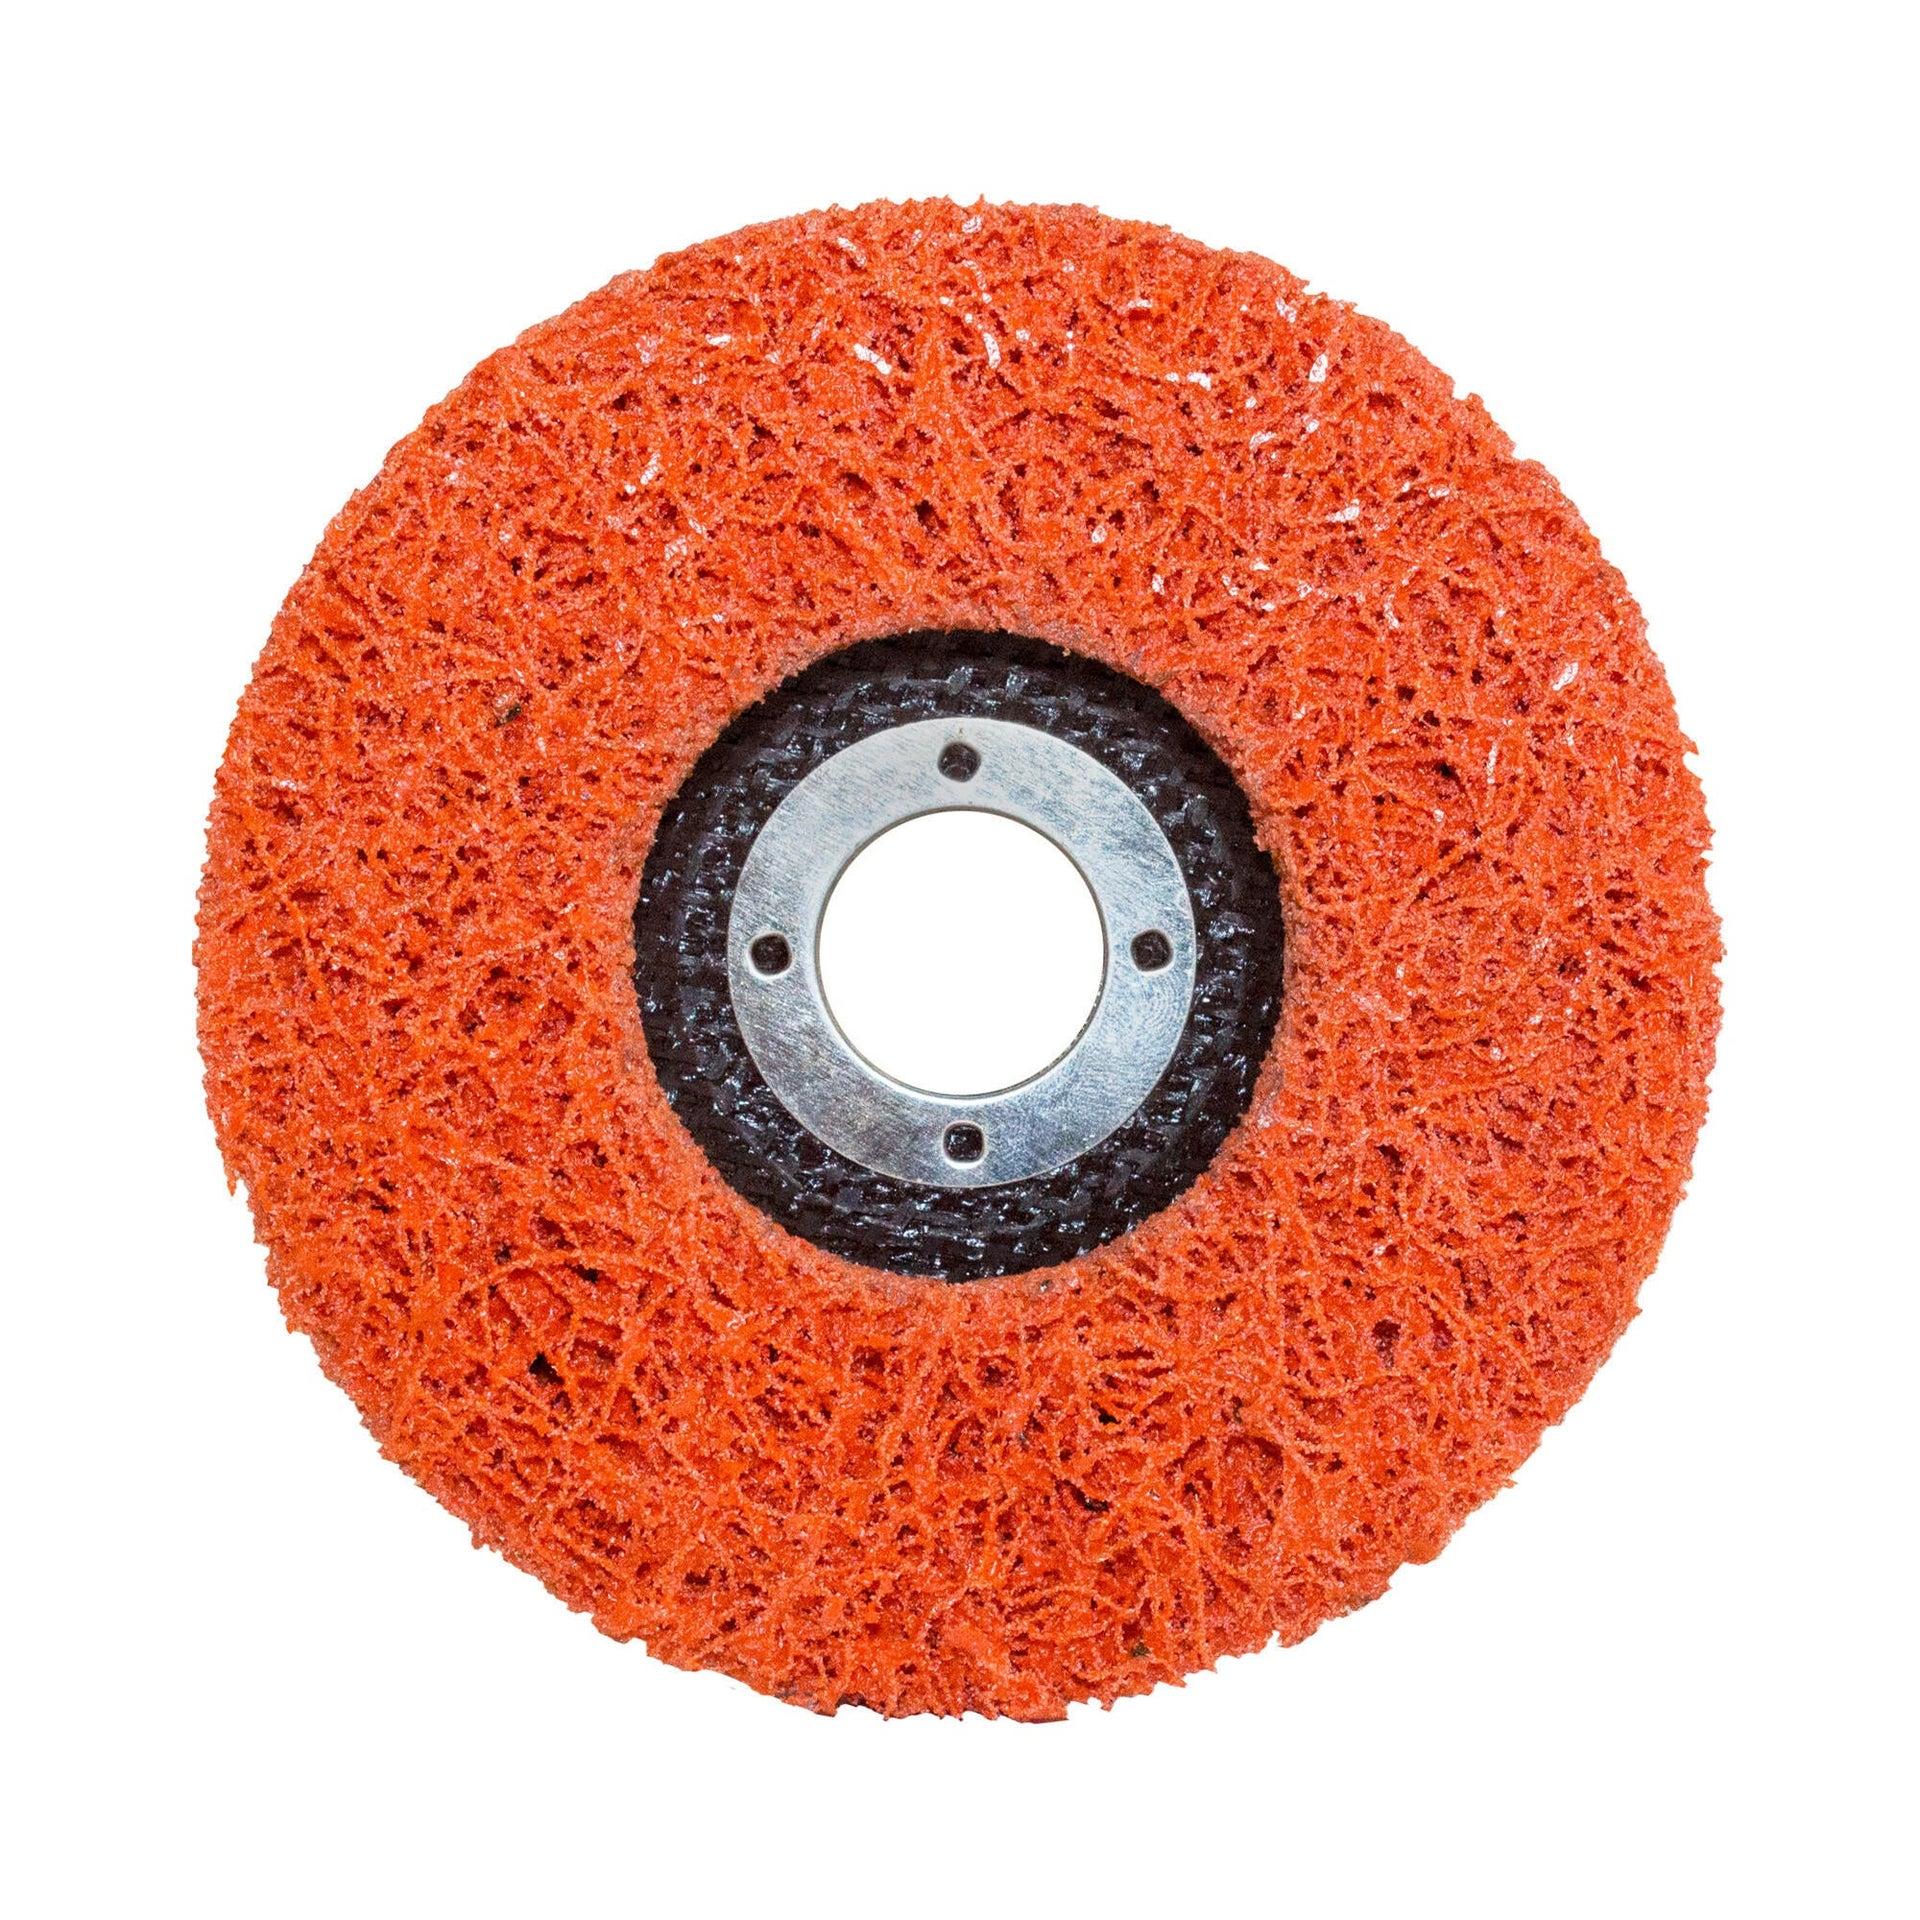 Disco per lucidatura NORTON Blaze Rapid in fibra di vetro Ø 115 mm - 1